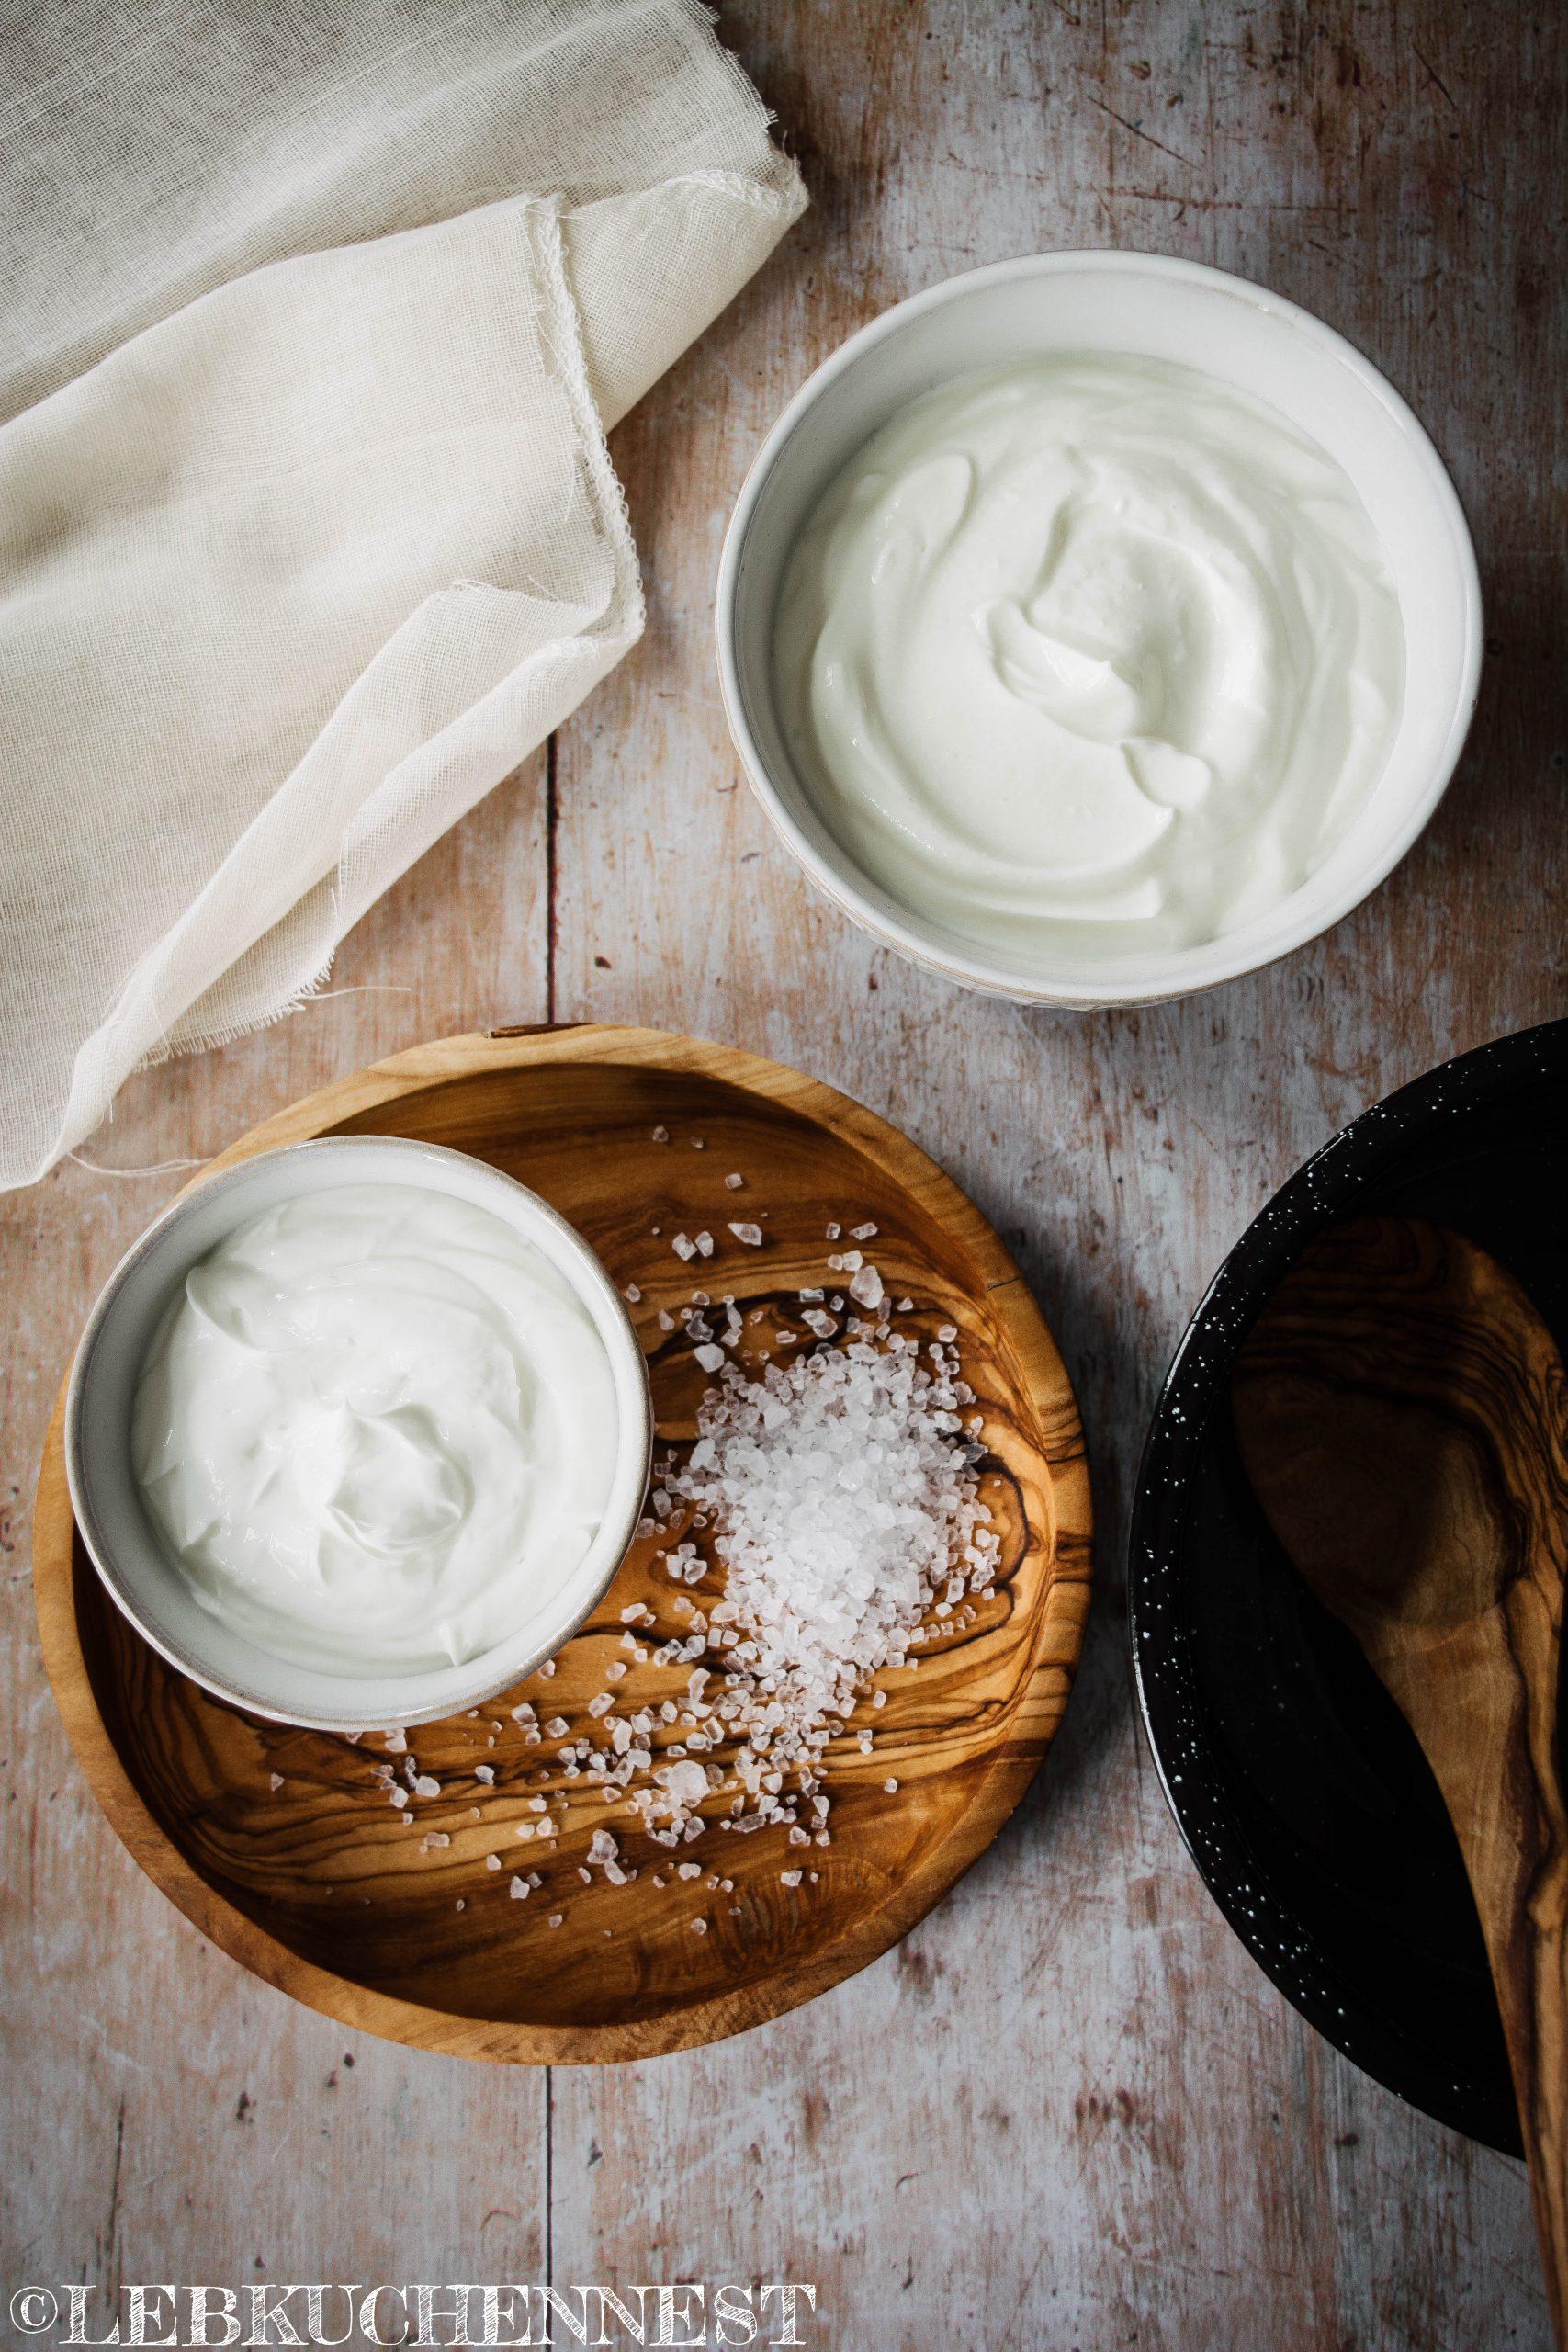 Milchprodukte hausgemacht - einfacher als man denkt